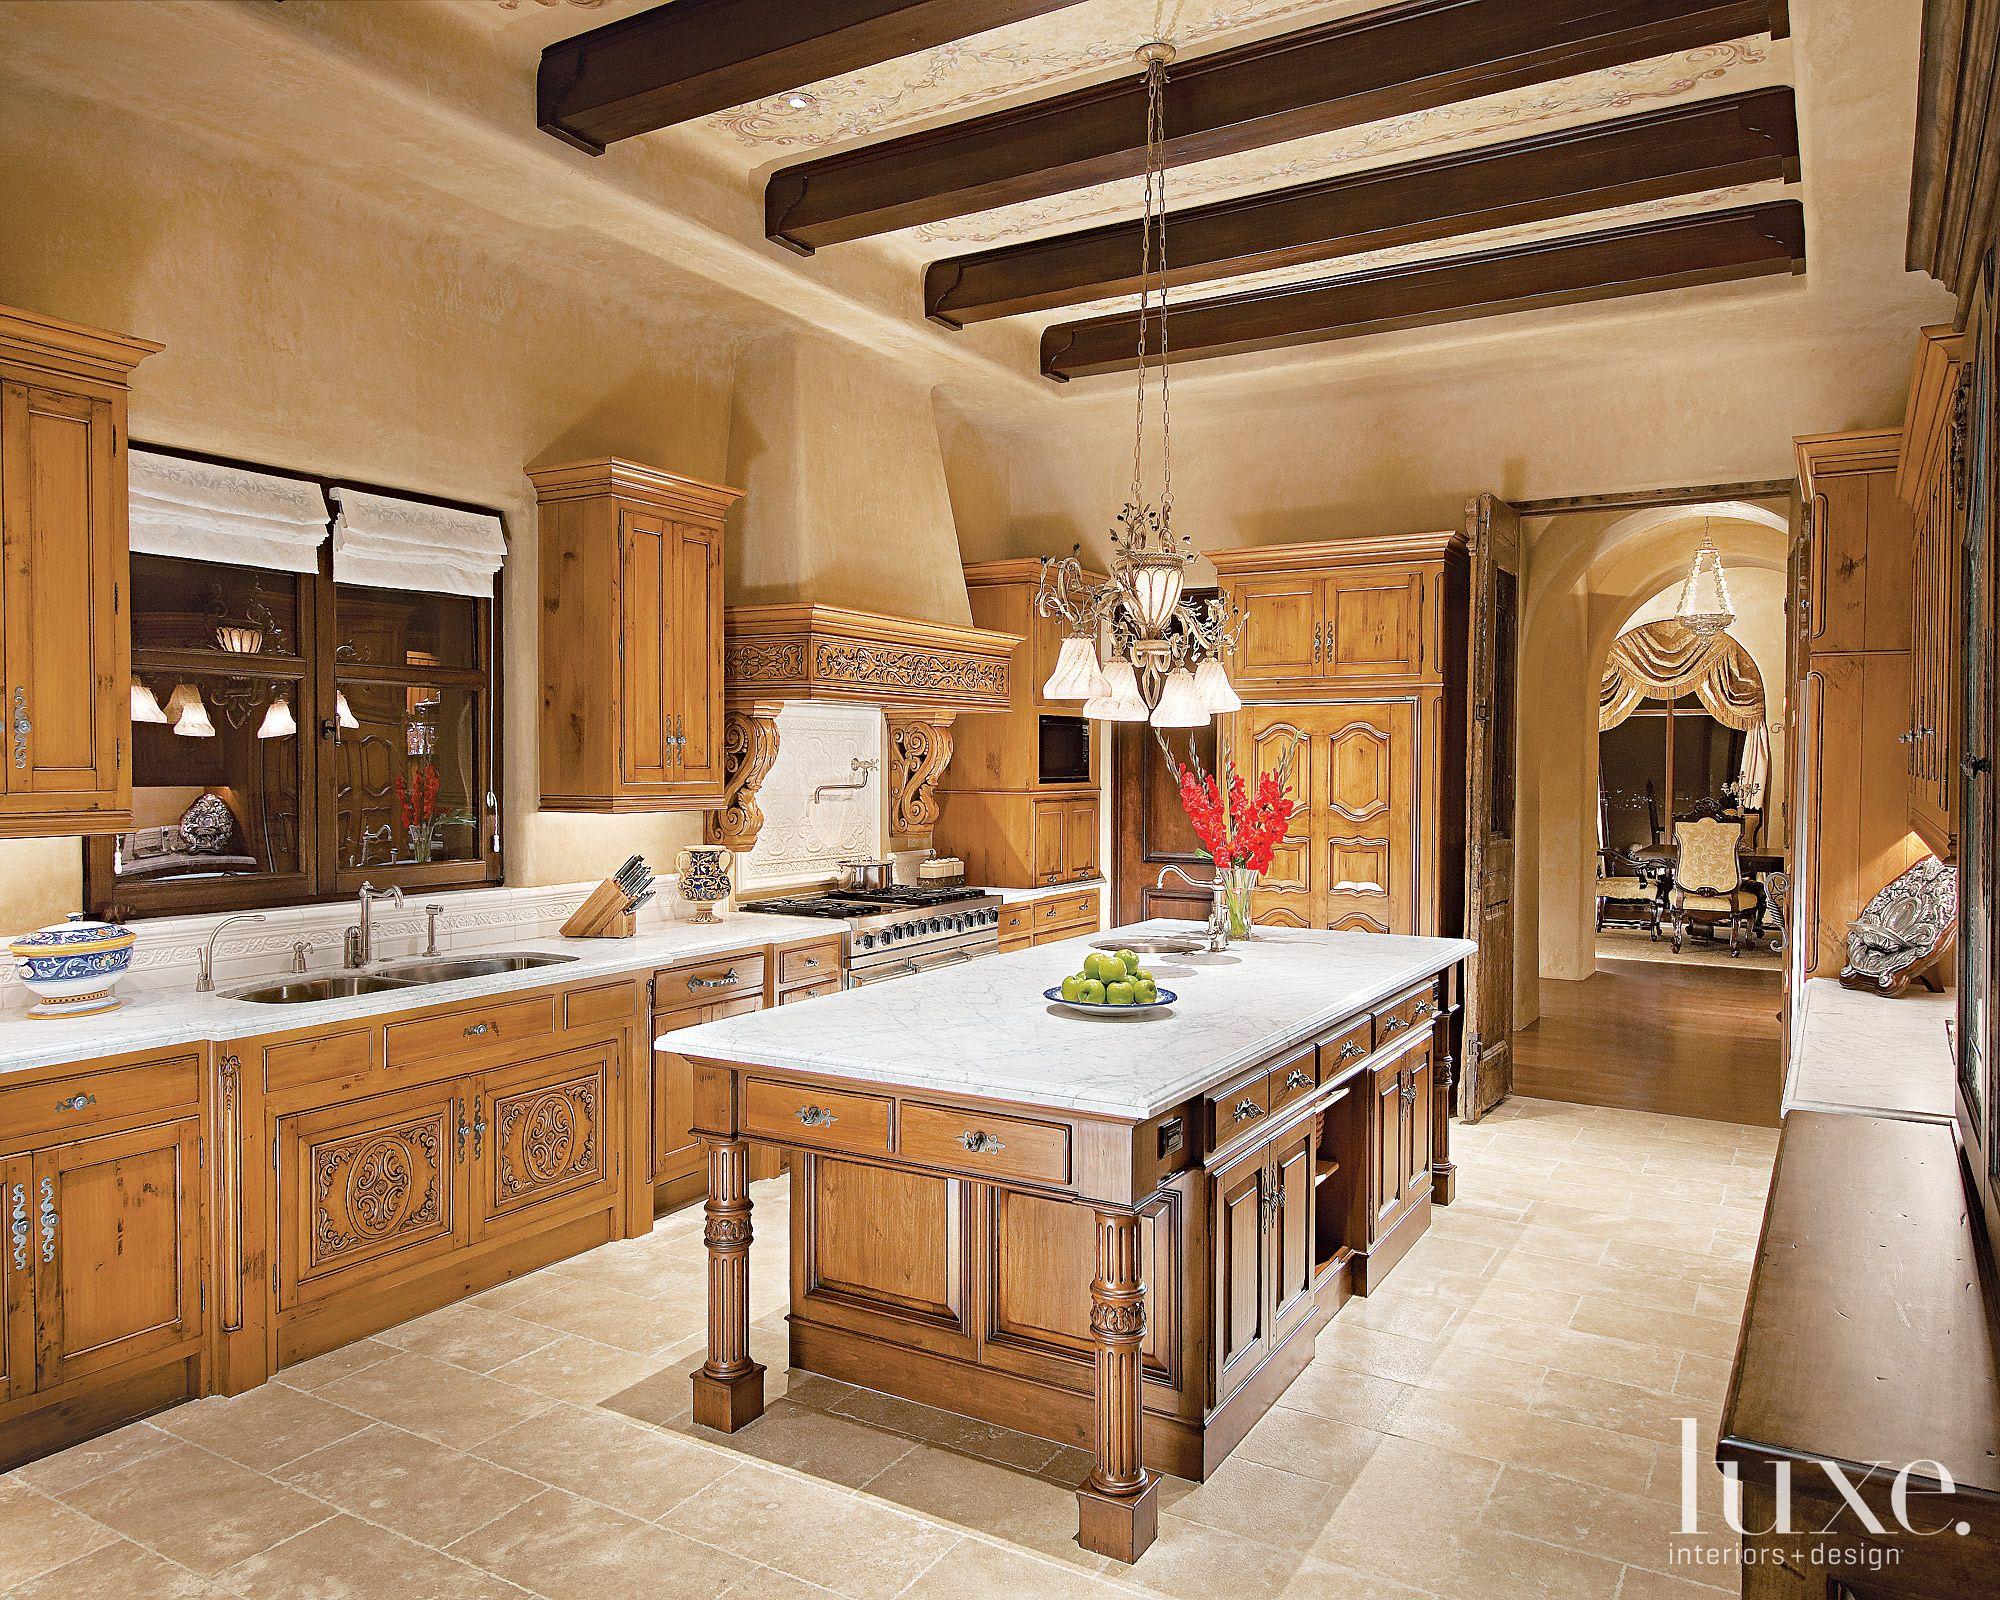 luxe arizona stylish kitchen interior design magazine luxe interiors on kitchen interior top view id=63376